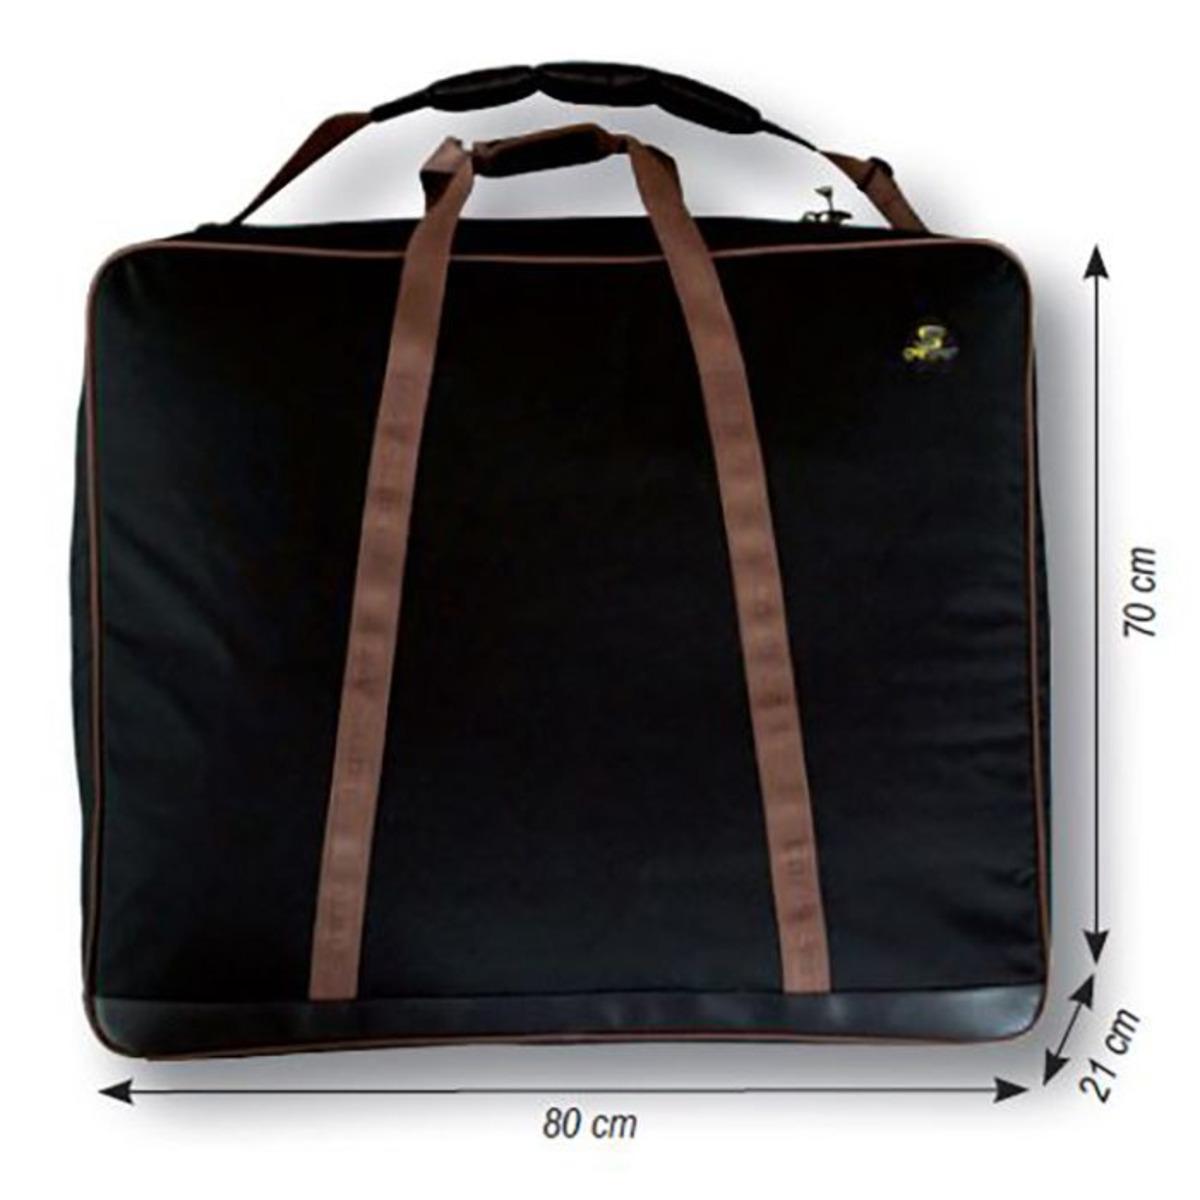 Carp Spirit Tasche für Klappstühle - 70x80 cm